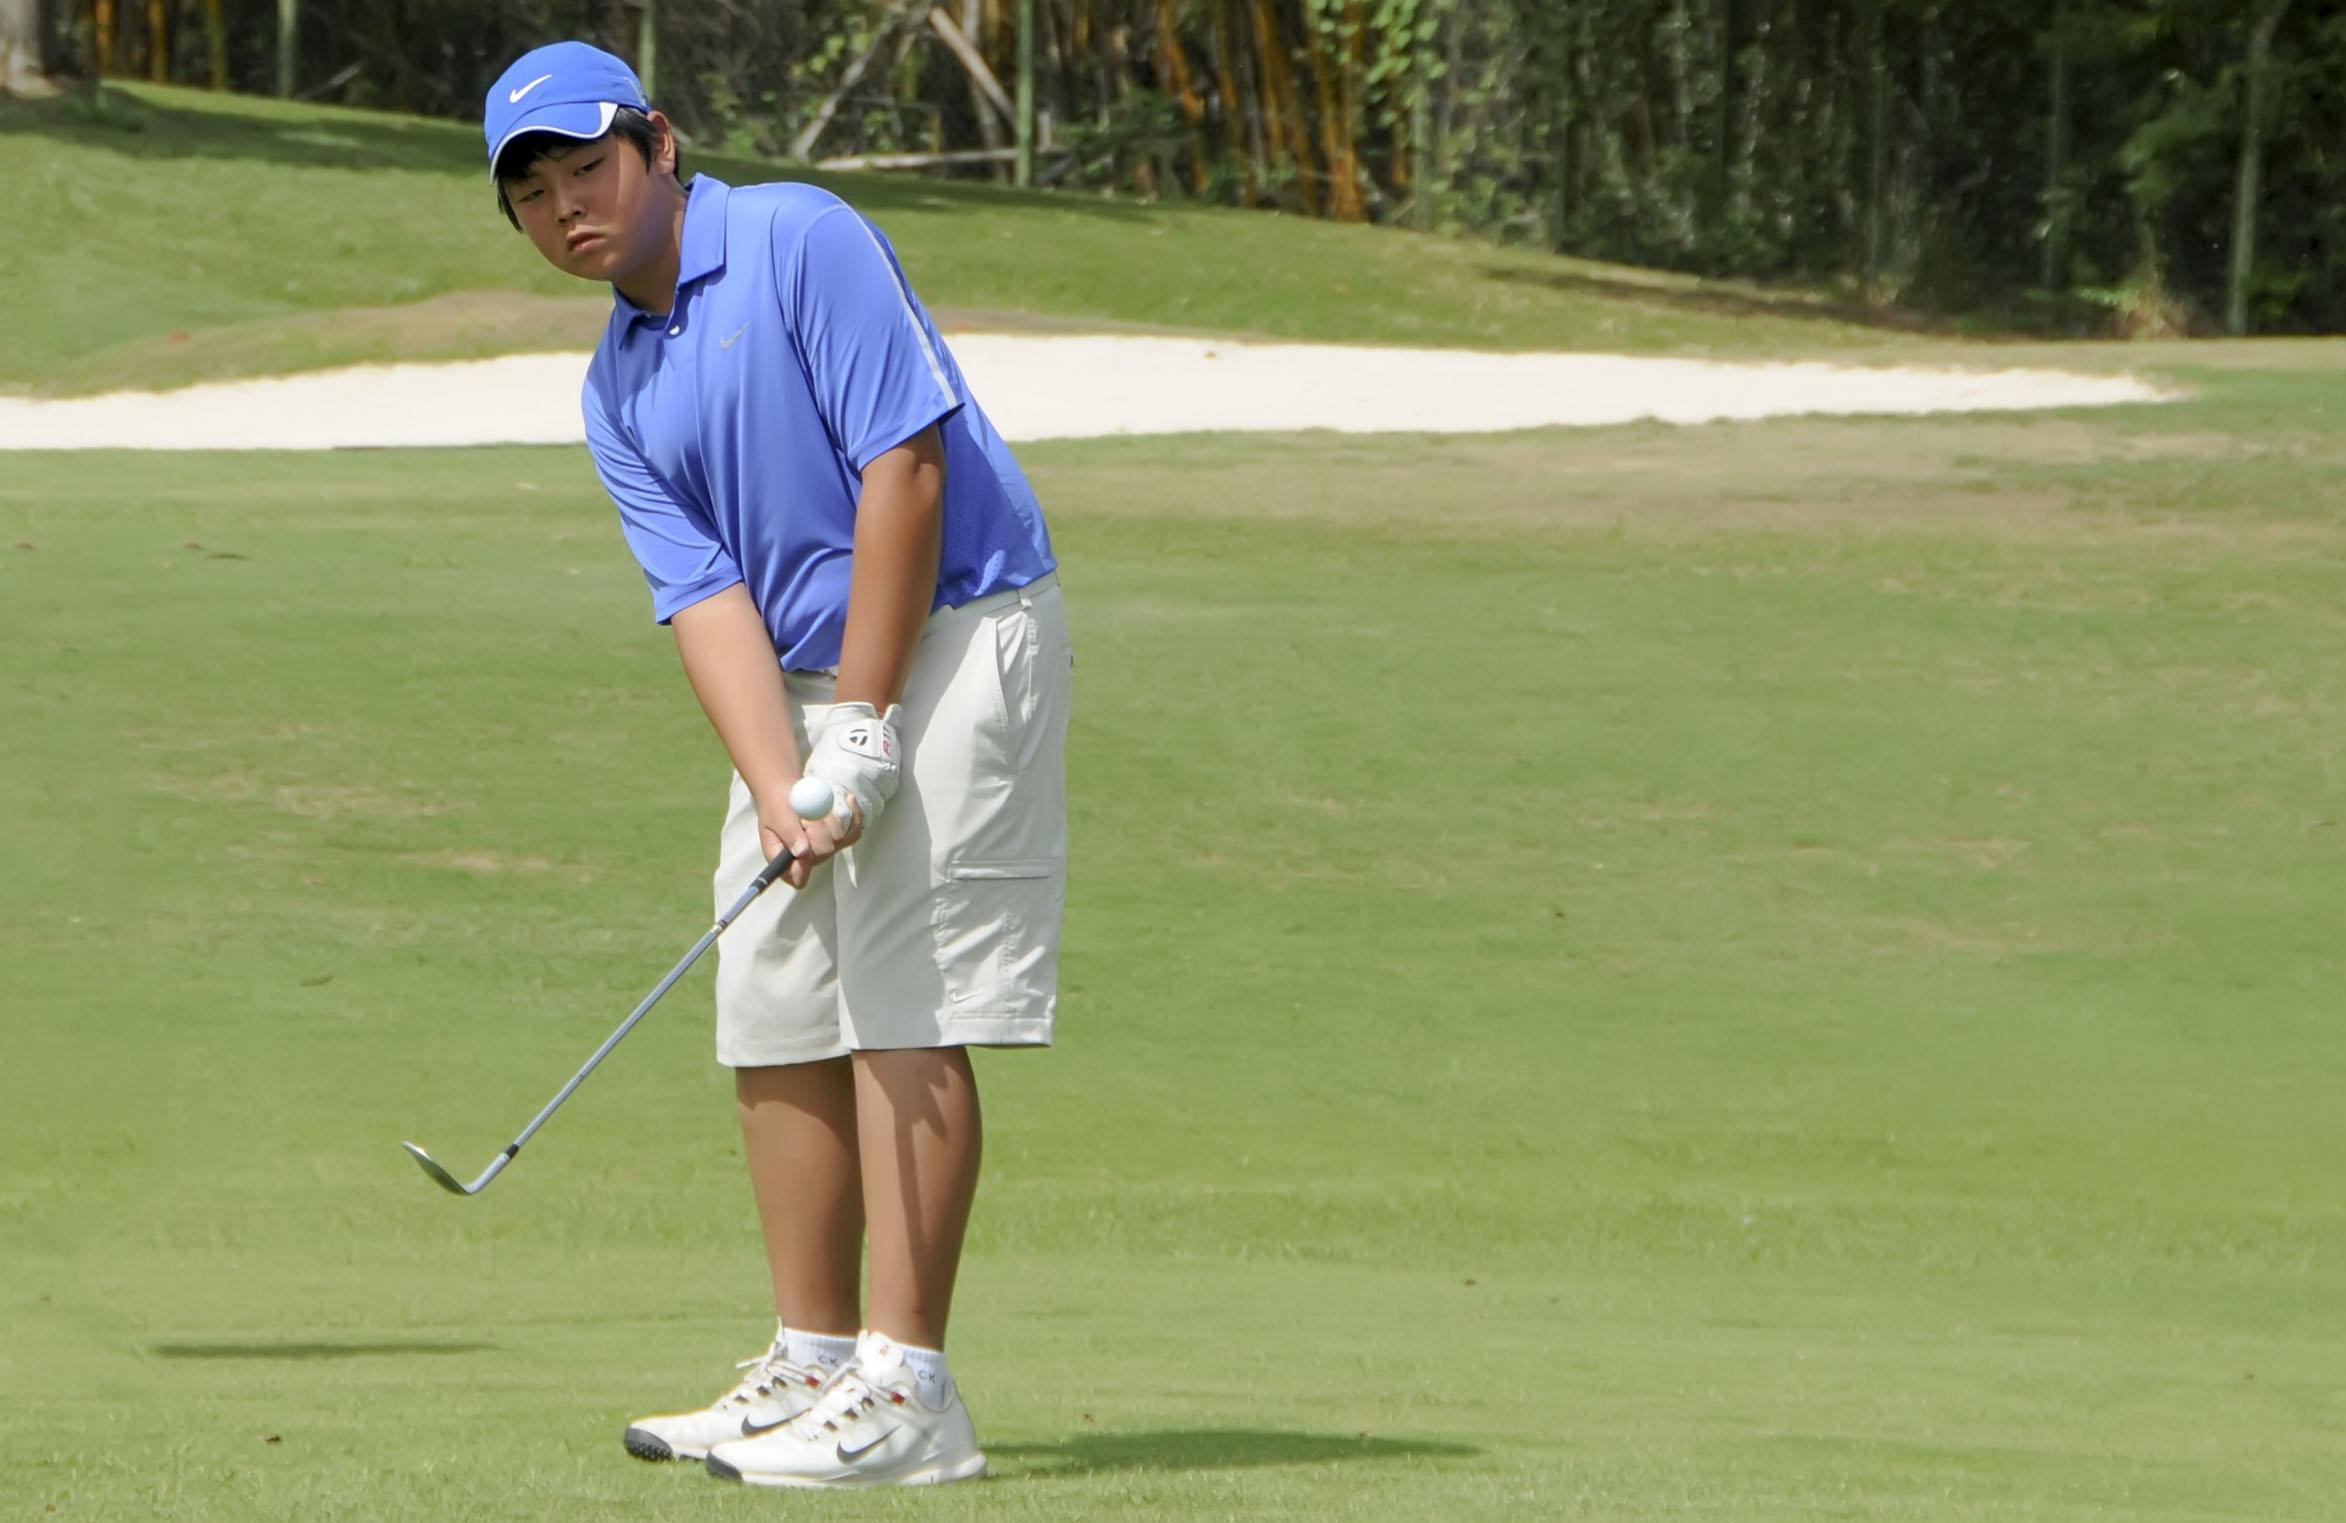 Jovens golfistas dominam a terceira etapa do 58º Torneio Pé Duro APG